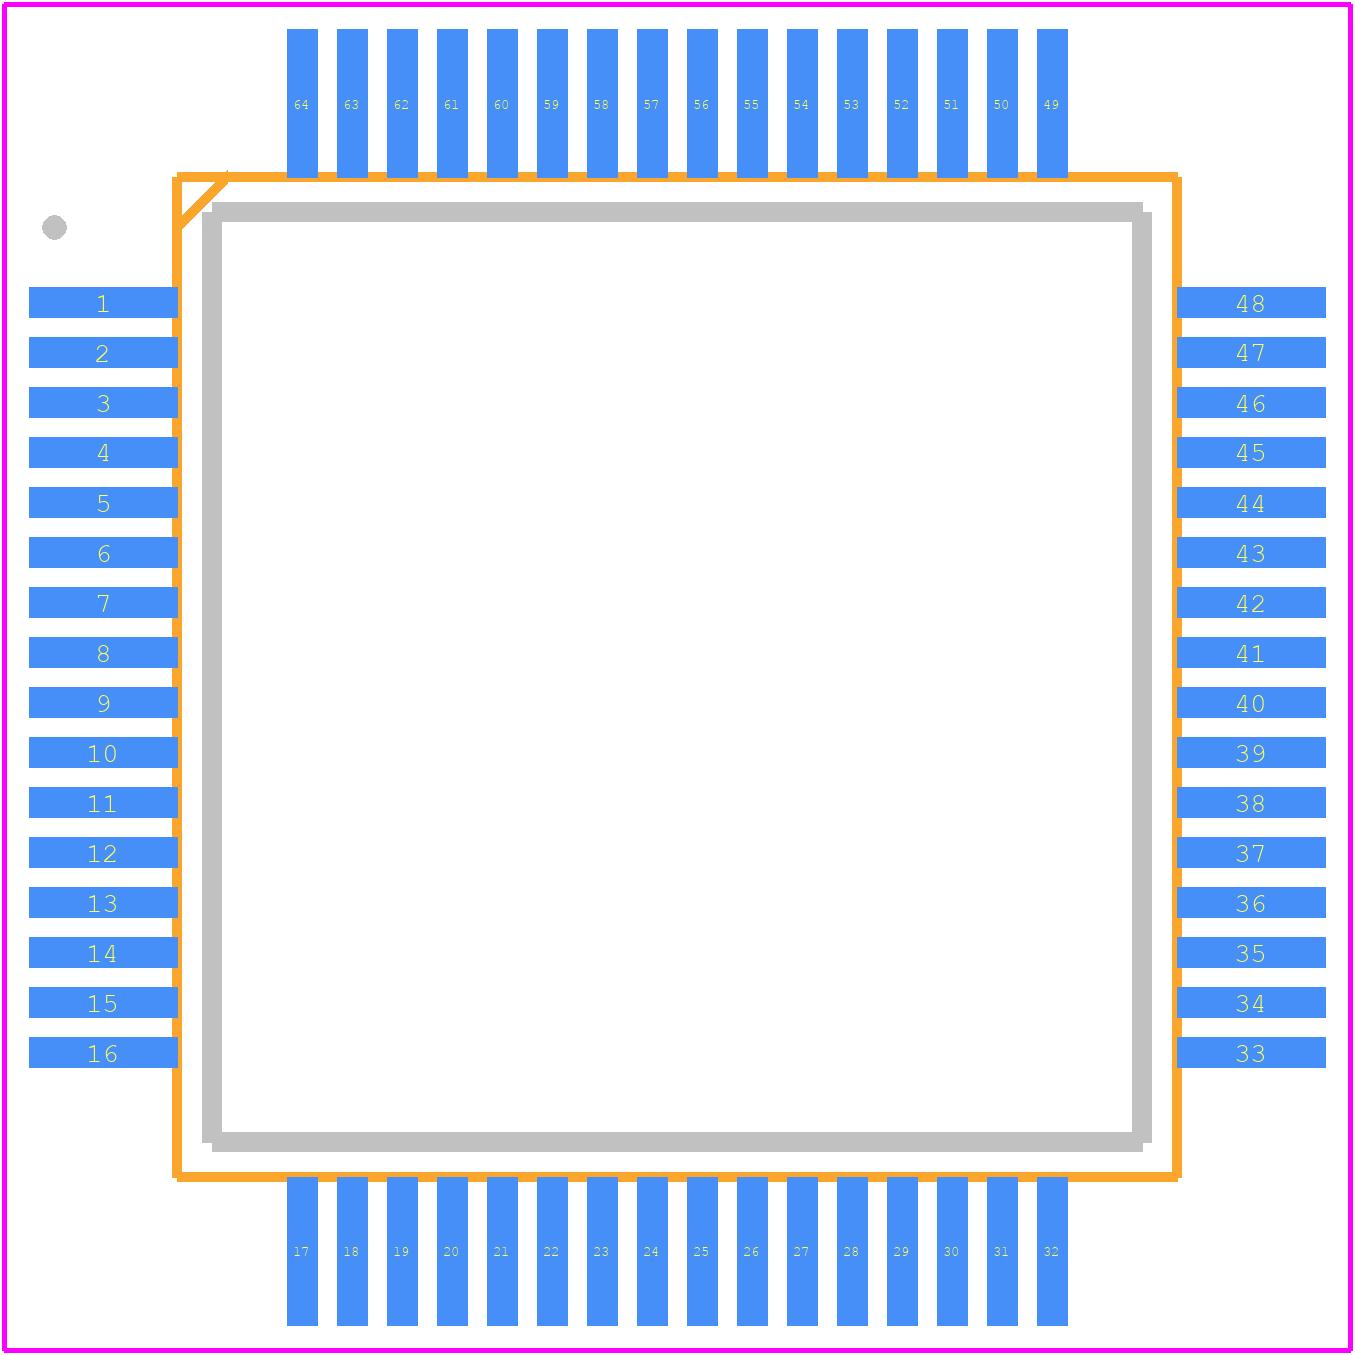 MKL27Z64VLH4 - NXP PCB footprint - Quad Flat Packages - LQFP (10x10x1.4)